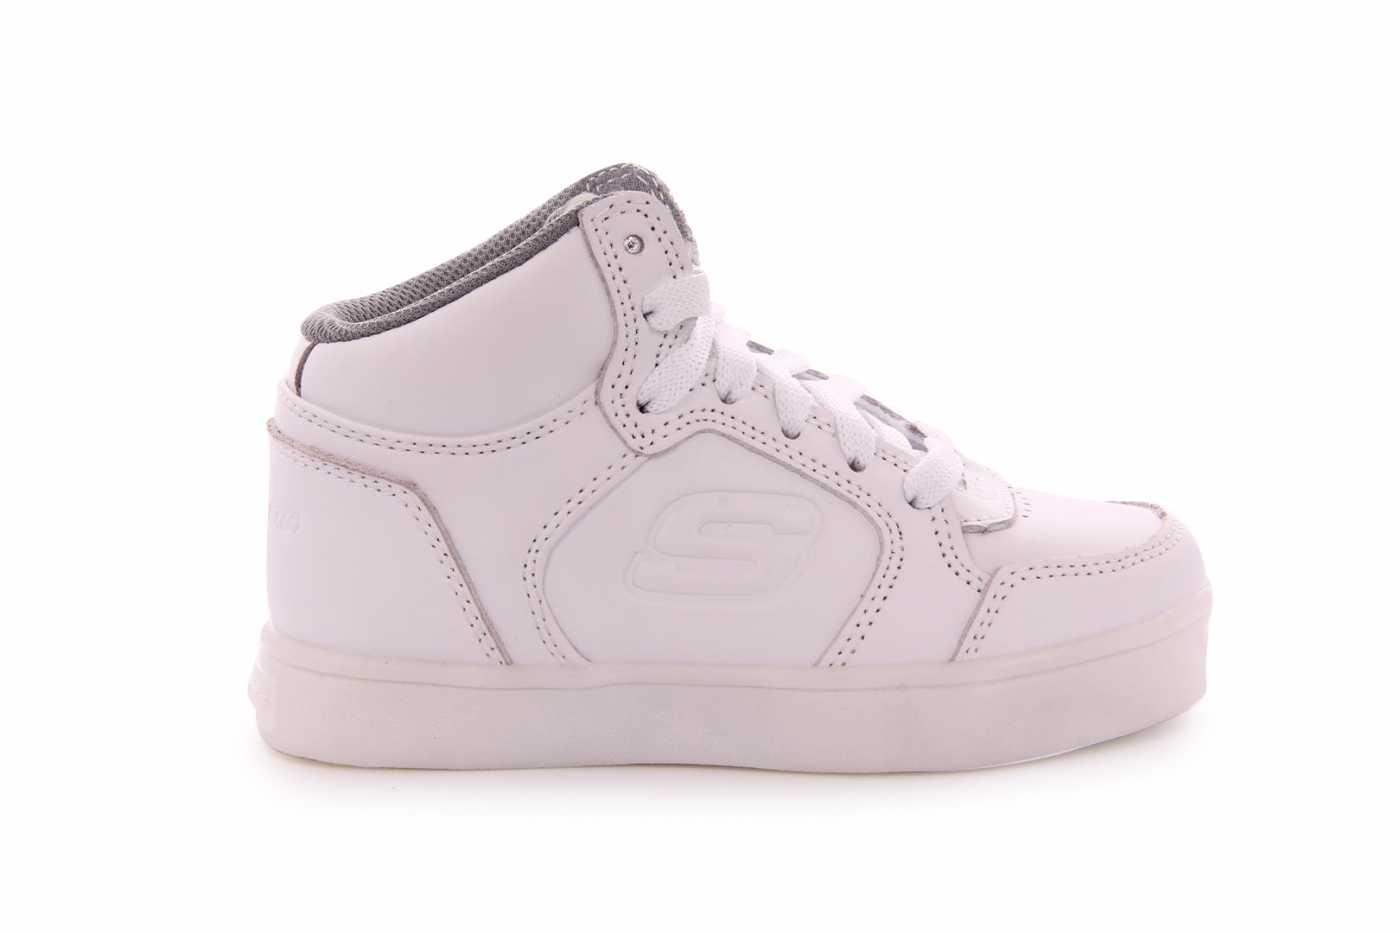 b8cb82fe4 Comprar zapato tipo JOVEN NIÑO estilo BOTAS COLOR BLANCO PIEL | BOTA ...